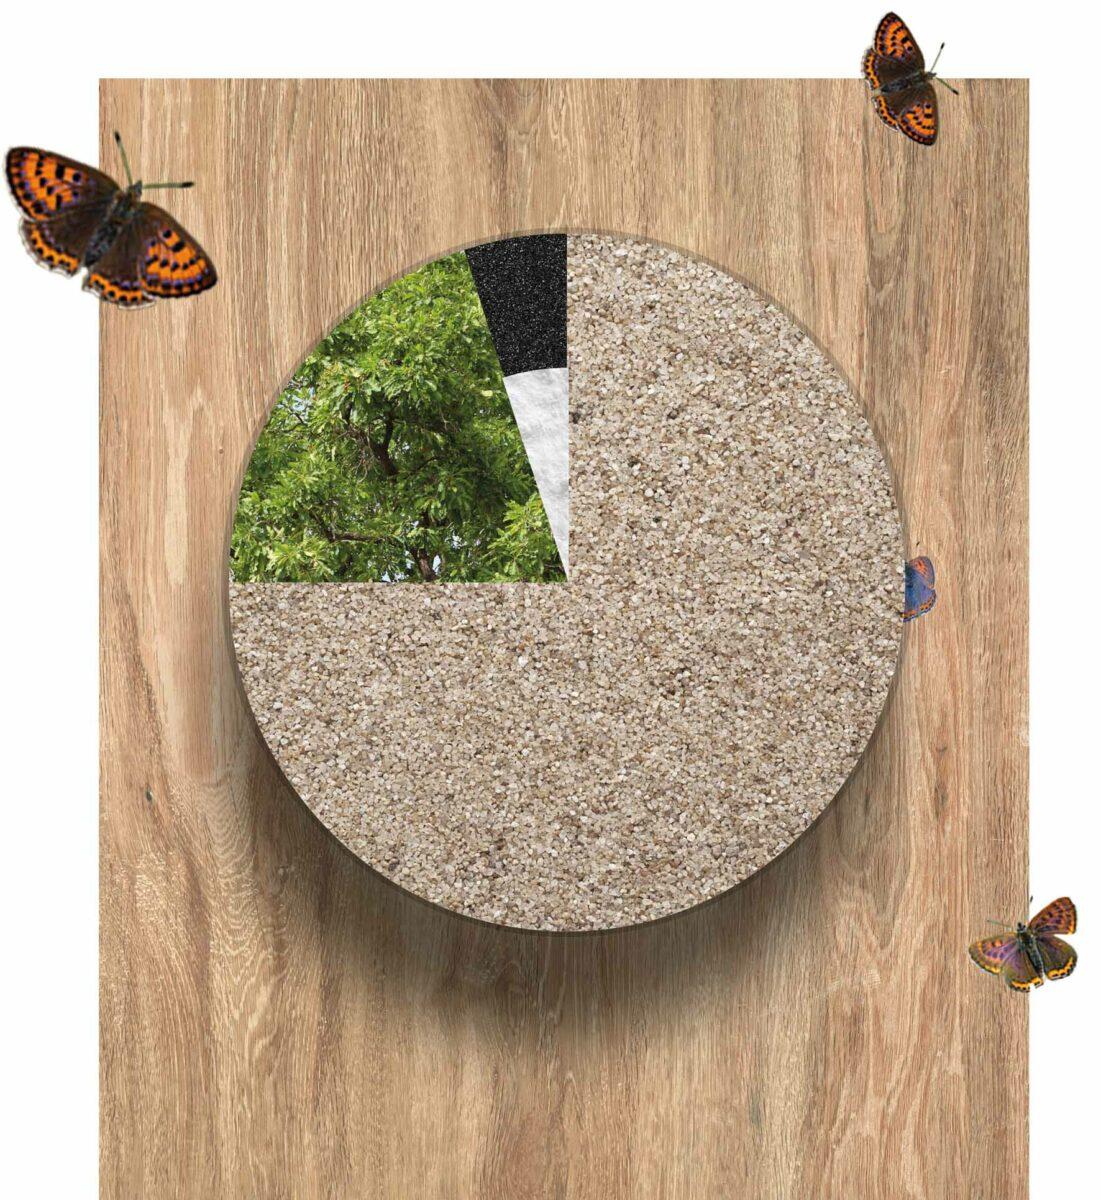 Zusammensetzung der Weltneuheit CRISTADUR® Green Line: Die 75 Prozent Quarzsand werden um natürliche Farbadditive und Bindemittel aus recycelten oder nachwachsenden Komponenten ergänzt. Foto: SCHOCK